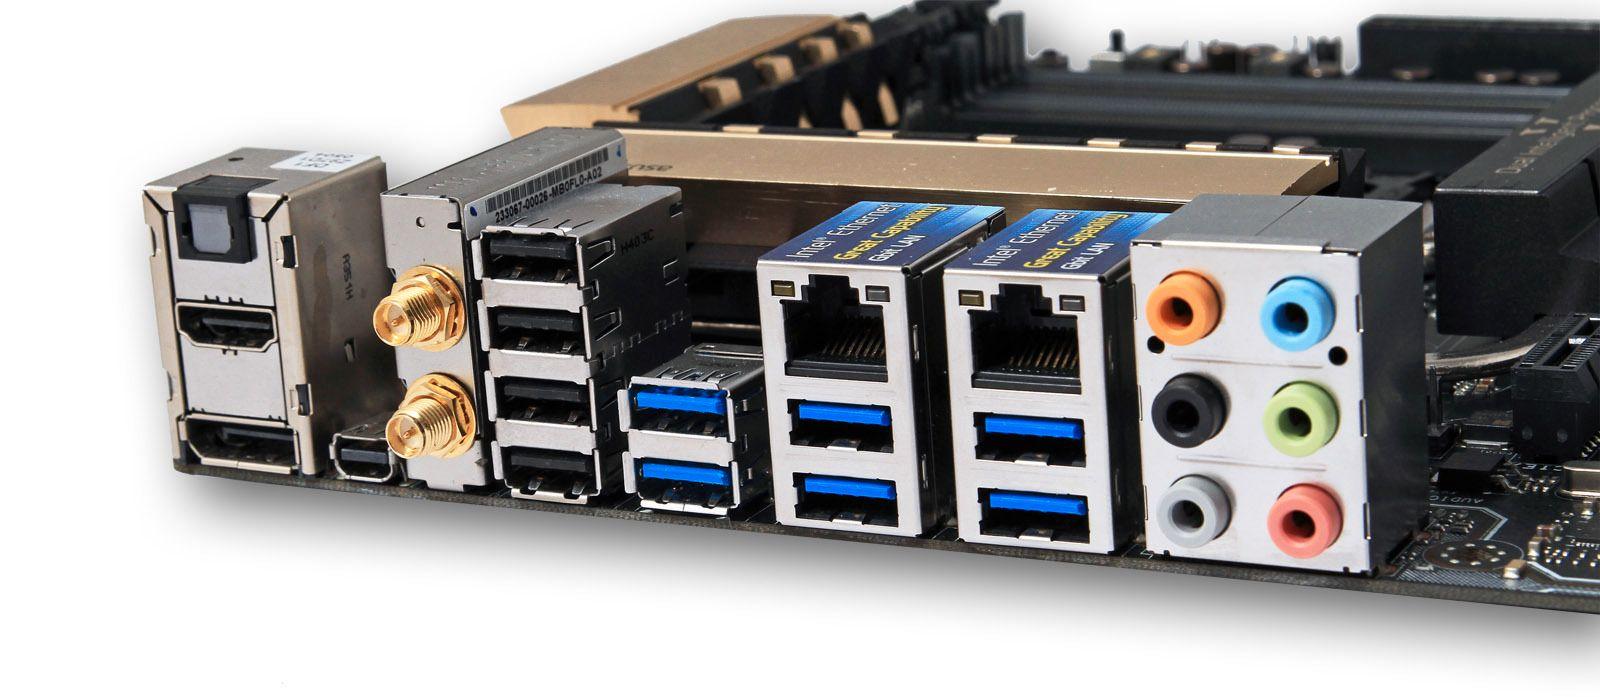 Hovedkortets bakplate tilbyr mange tilkoblingsmuligheter. I tillegg finner vi ytterligere to DisplayPort- og to ThunderBolt-kontakter på et medfølgende ekspansjonskort.